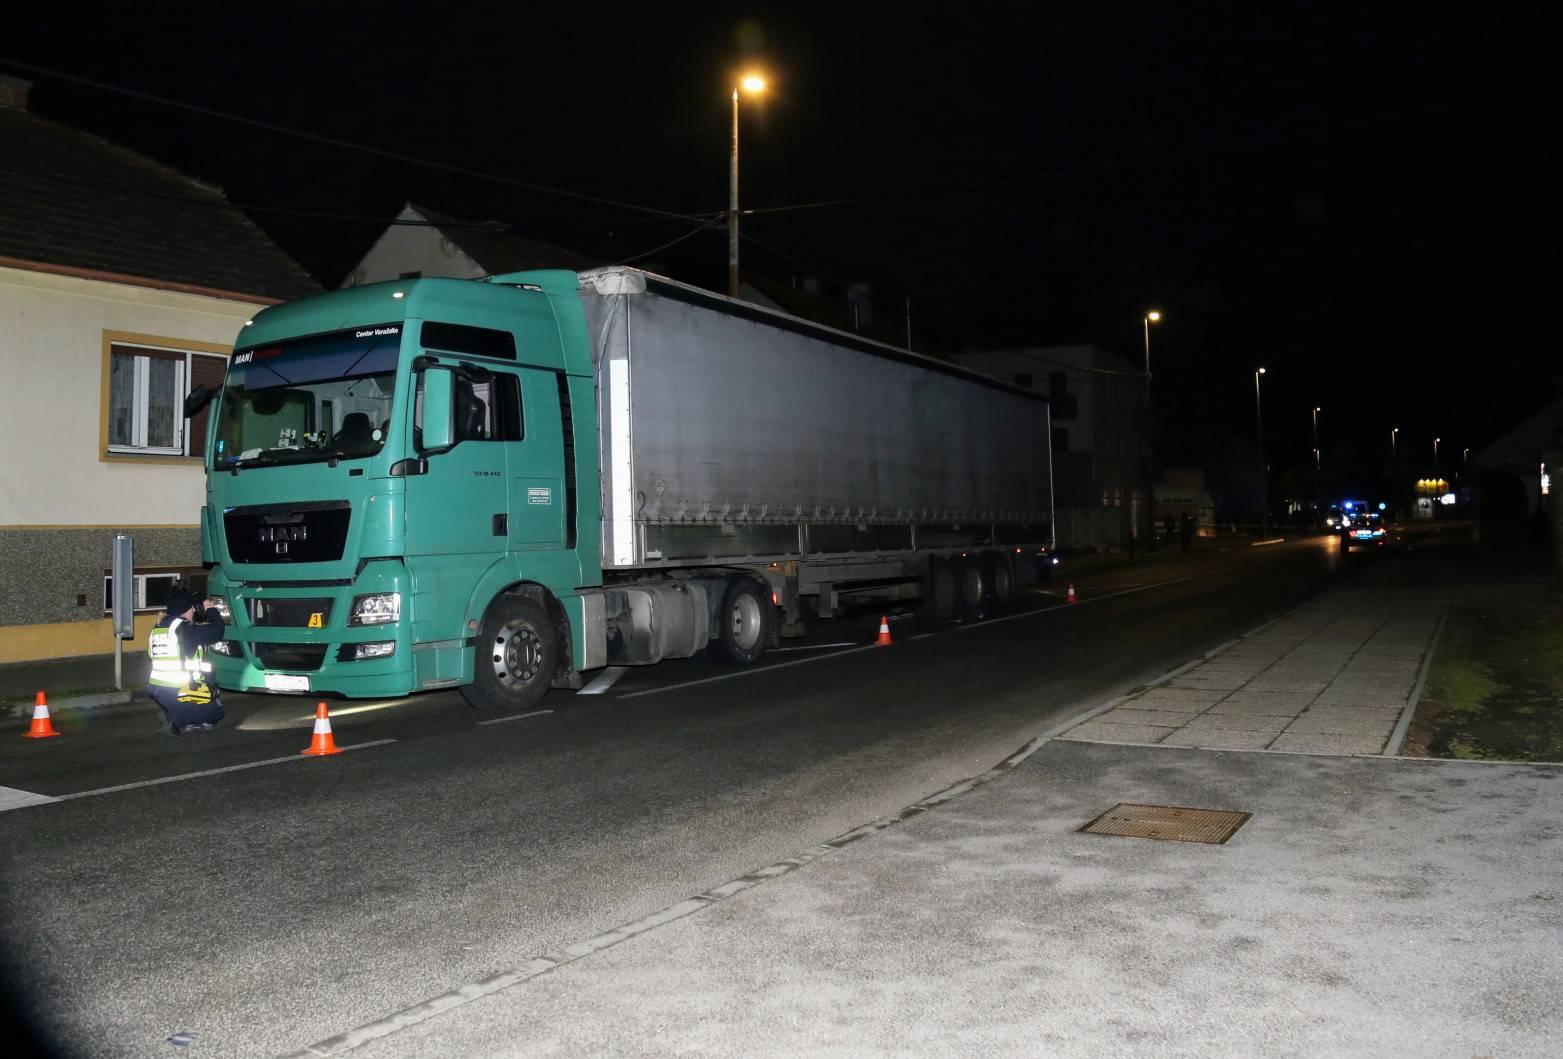 Kamionom pregazio pješaka u Čakovcu, policija traži svjedoke